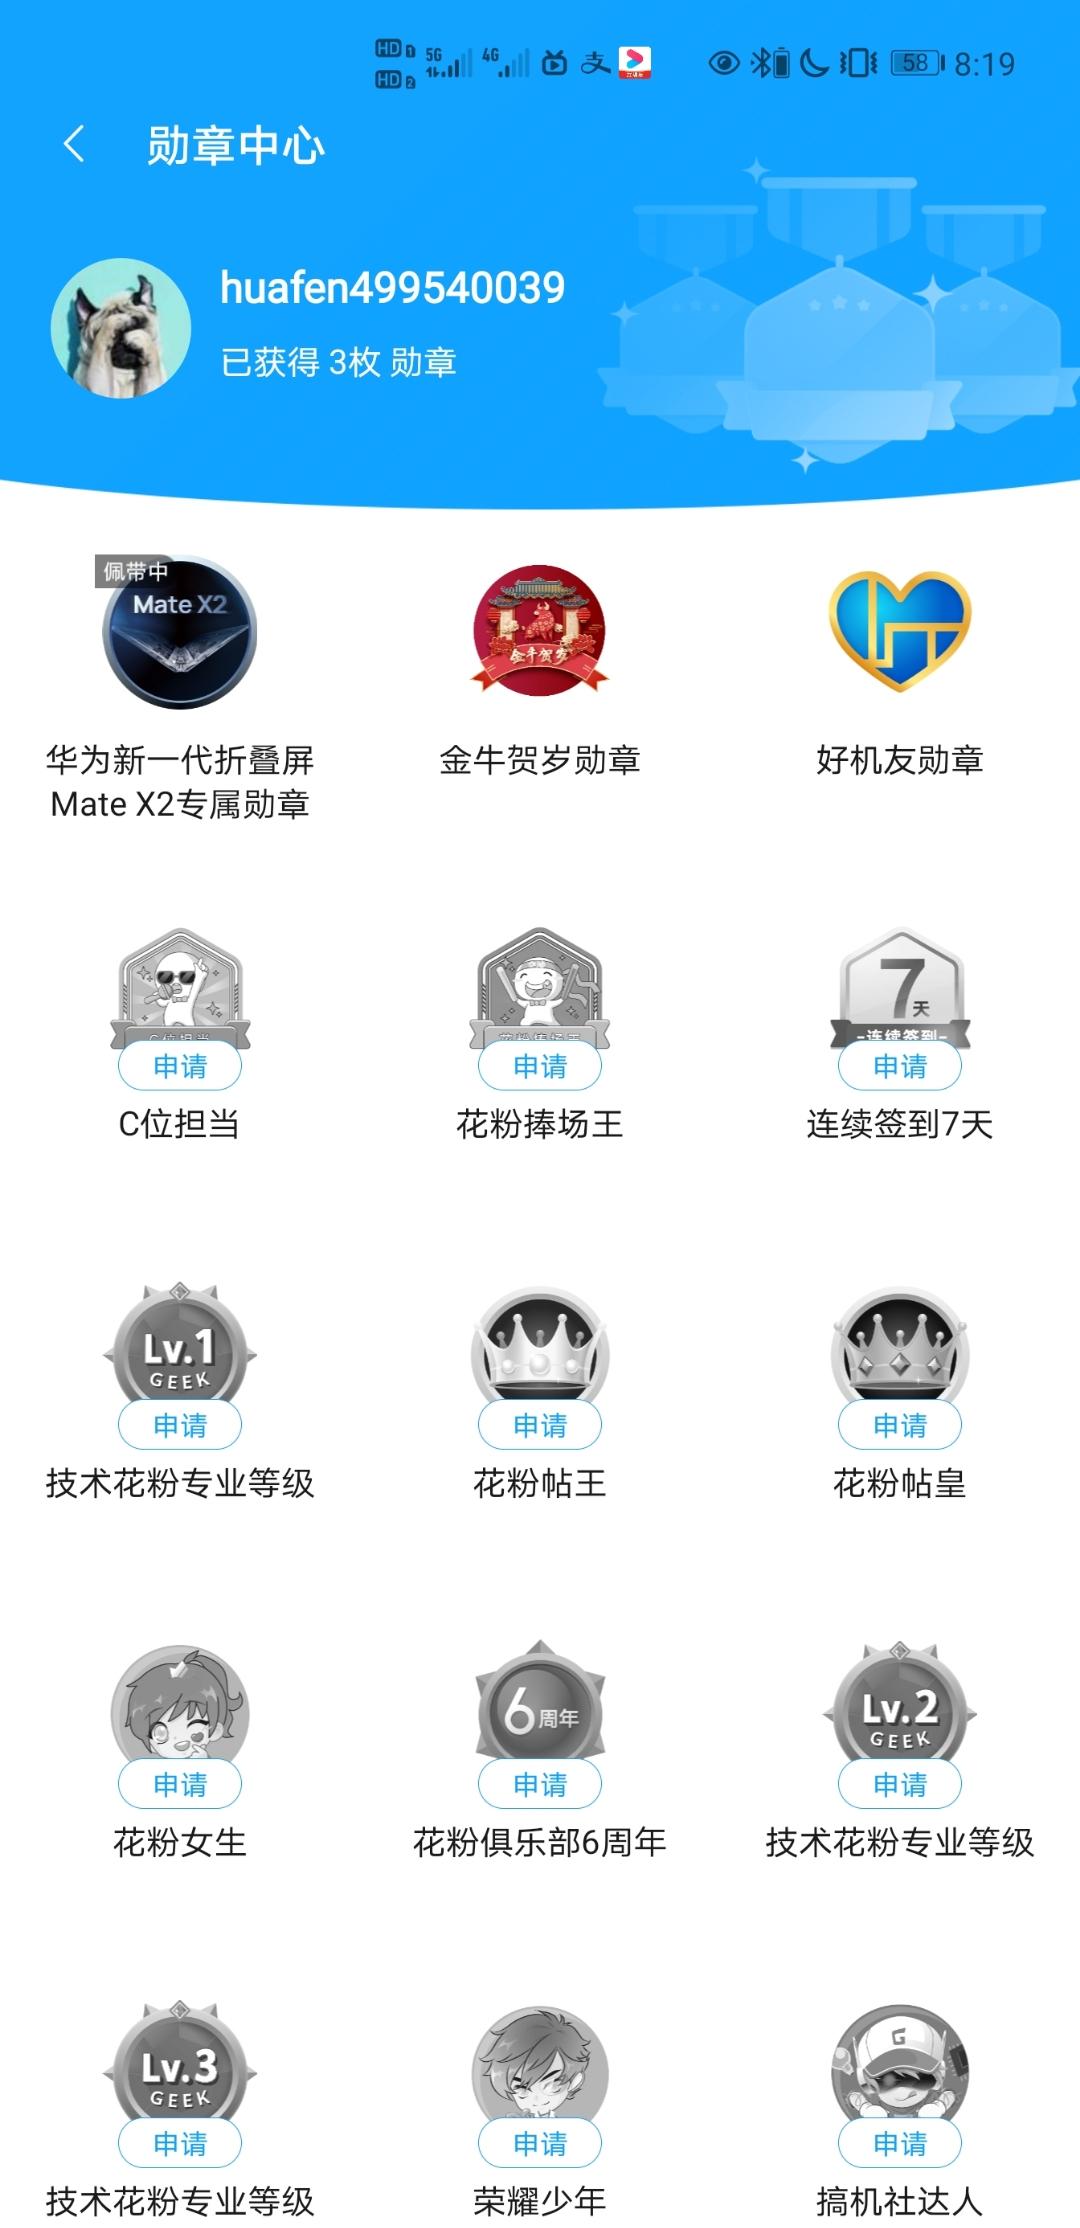 Screenshot_20210303_201934_com.huawei.fans.jpg